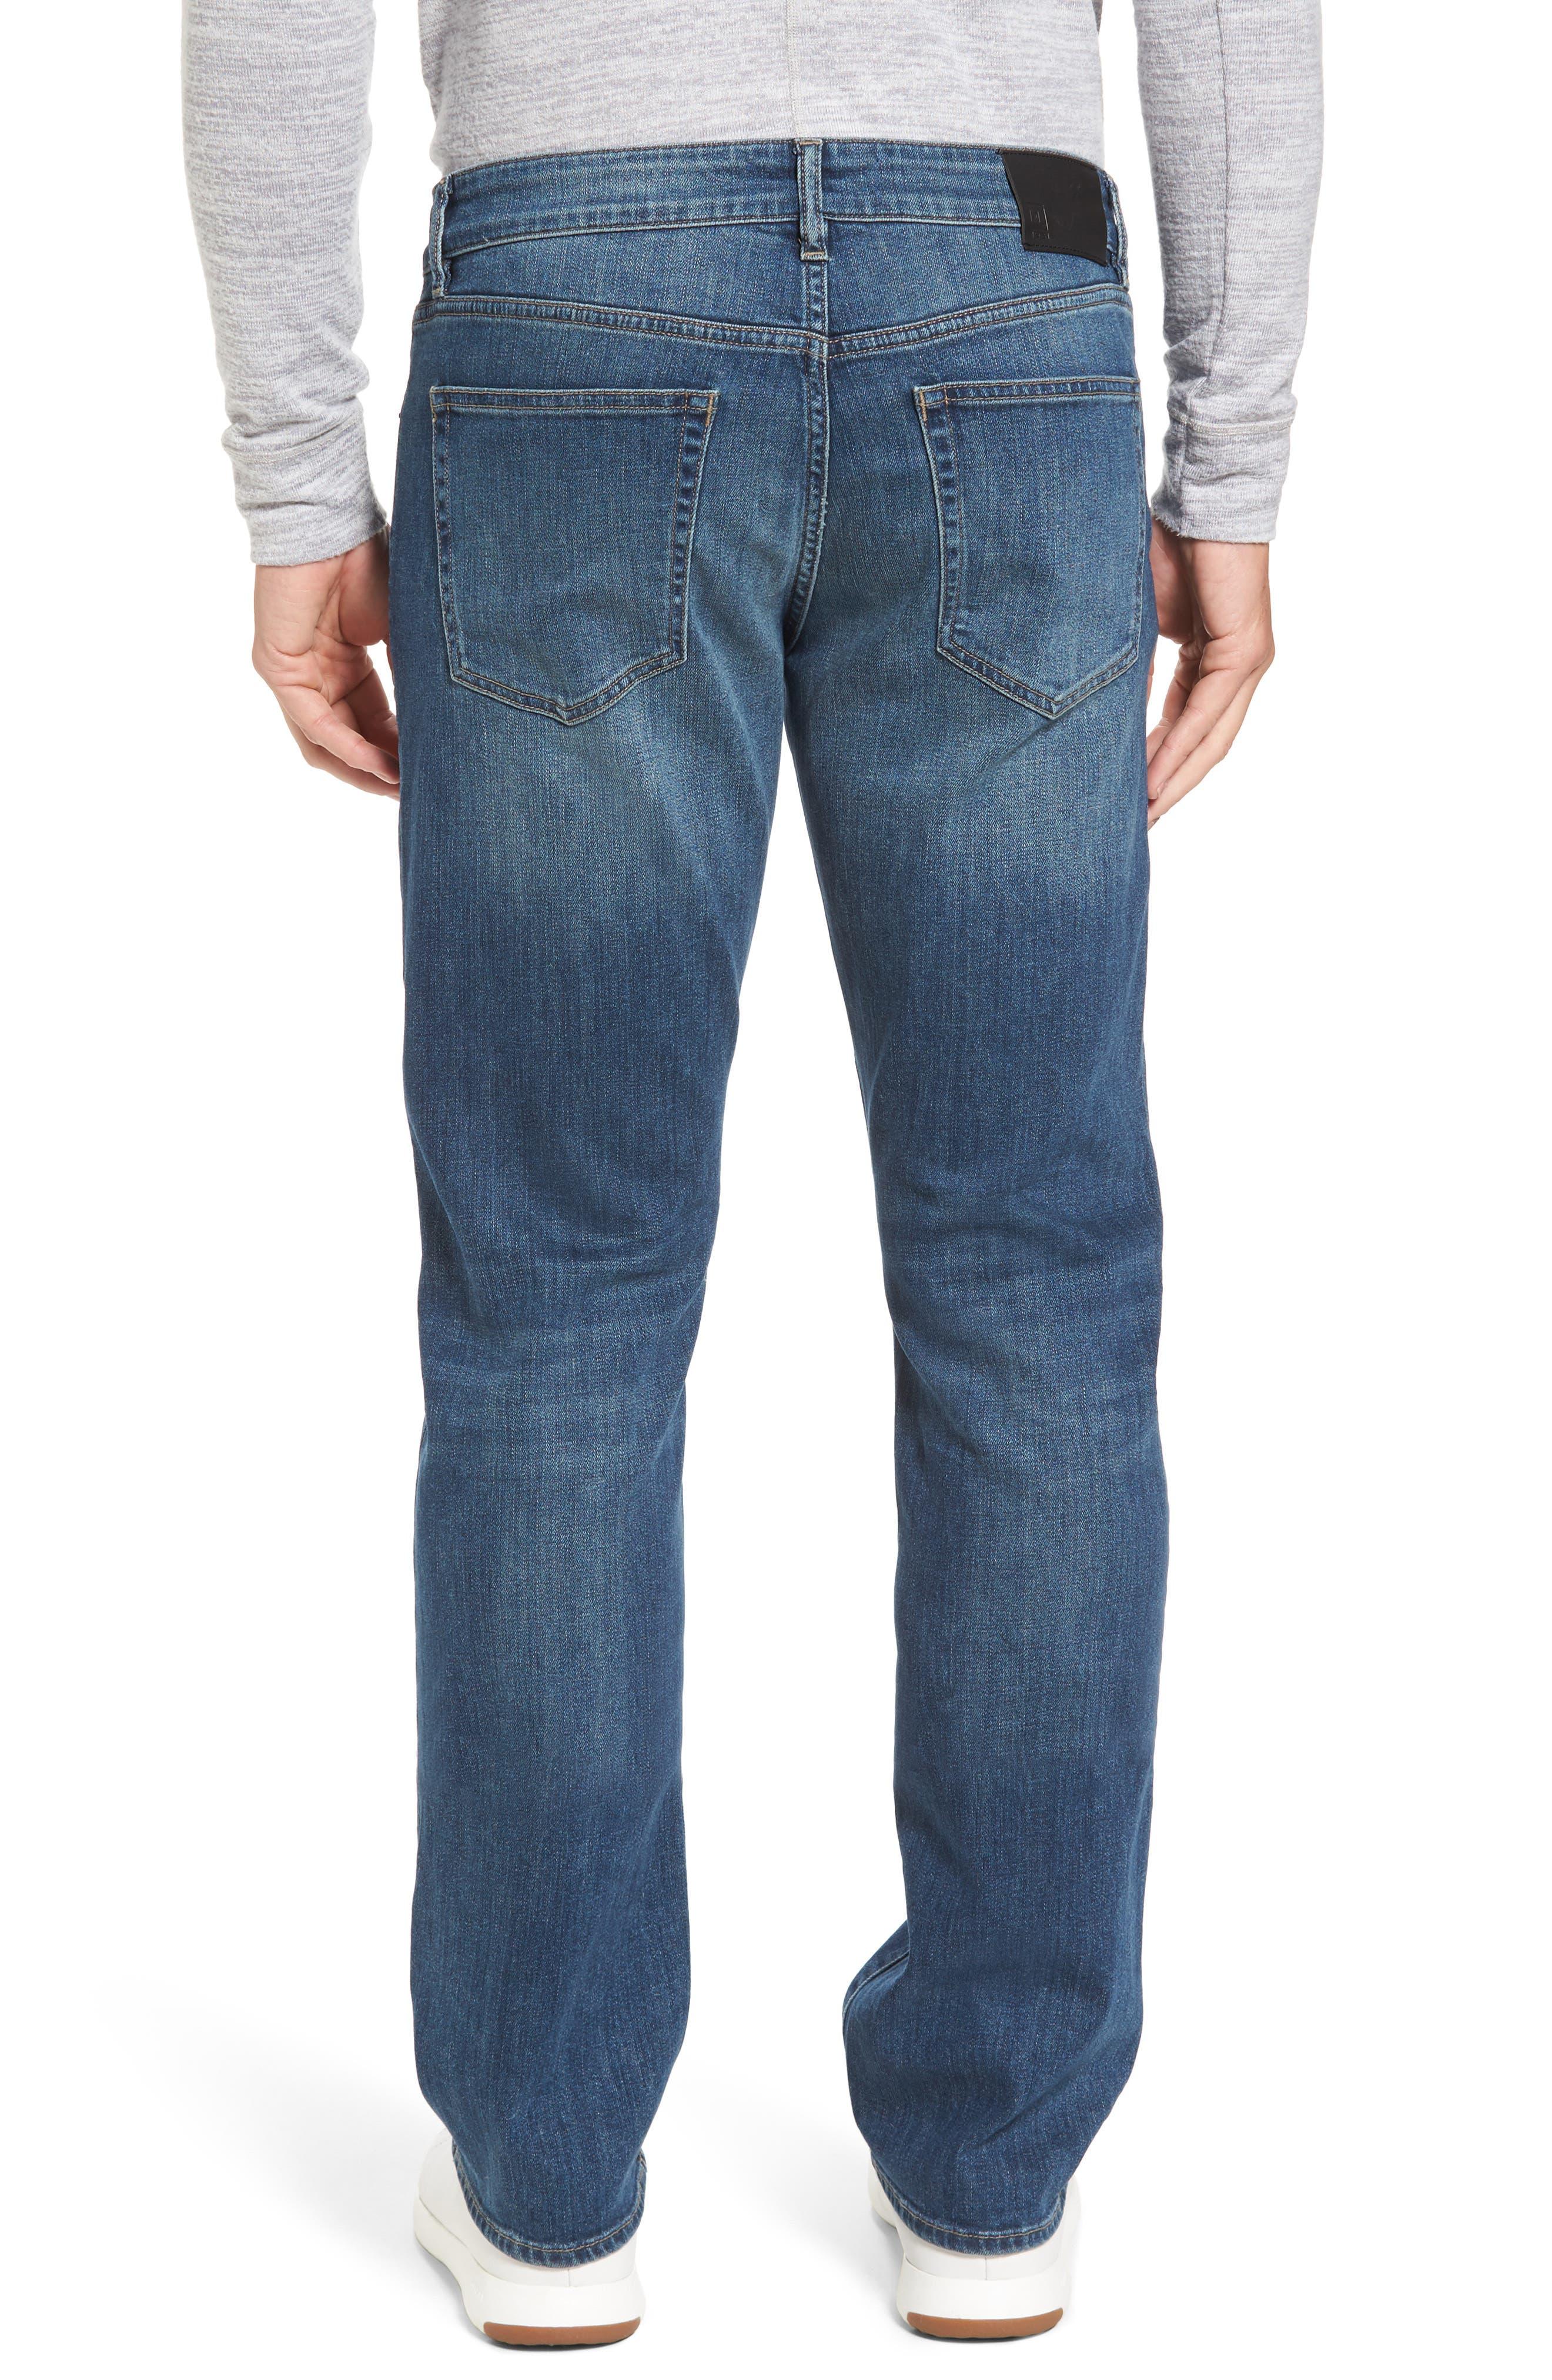 Avery Slim Straight Leg Jeans,                             Alternate thumbnail 2, color,